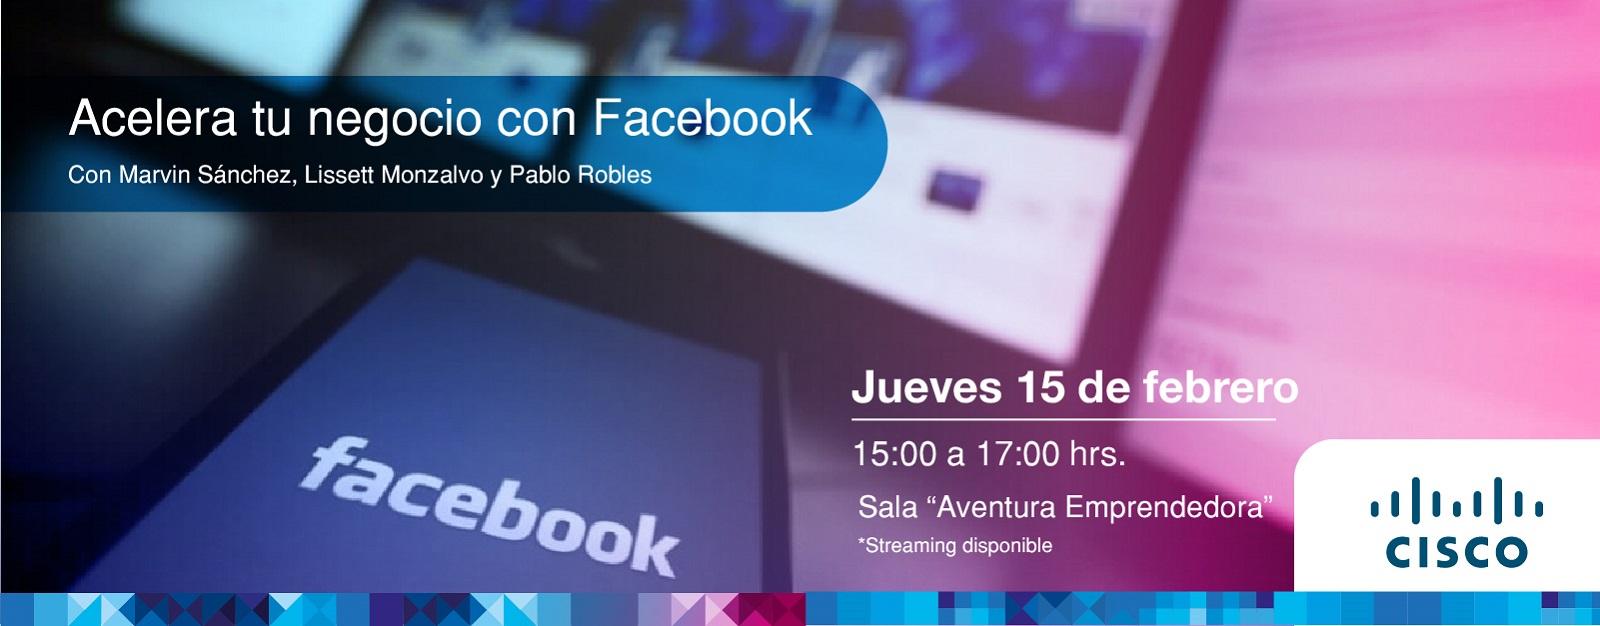 Aldea Digital Telmex Iztapalapa: cursos, películas y trámites en línea gratis